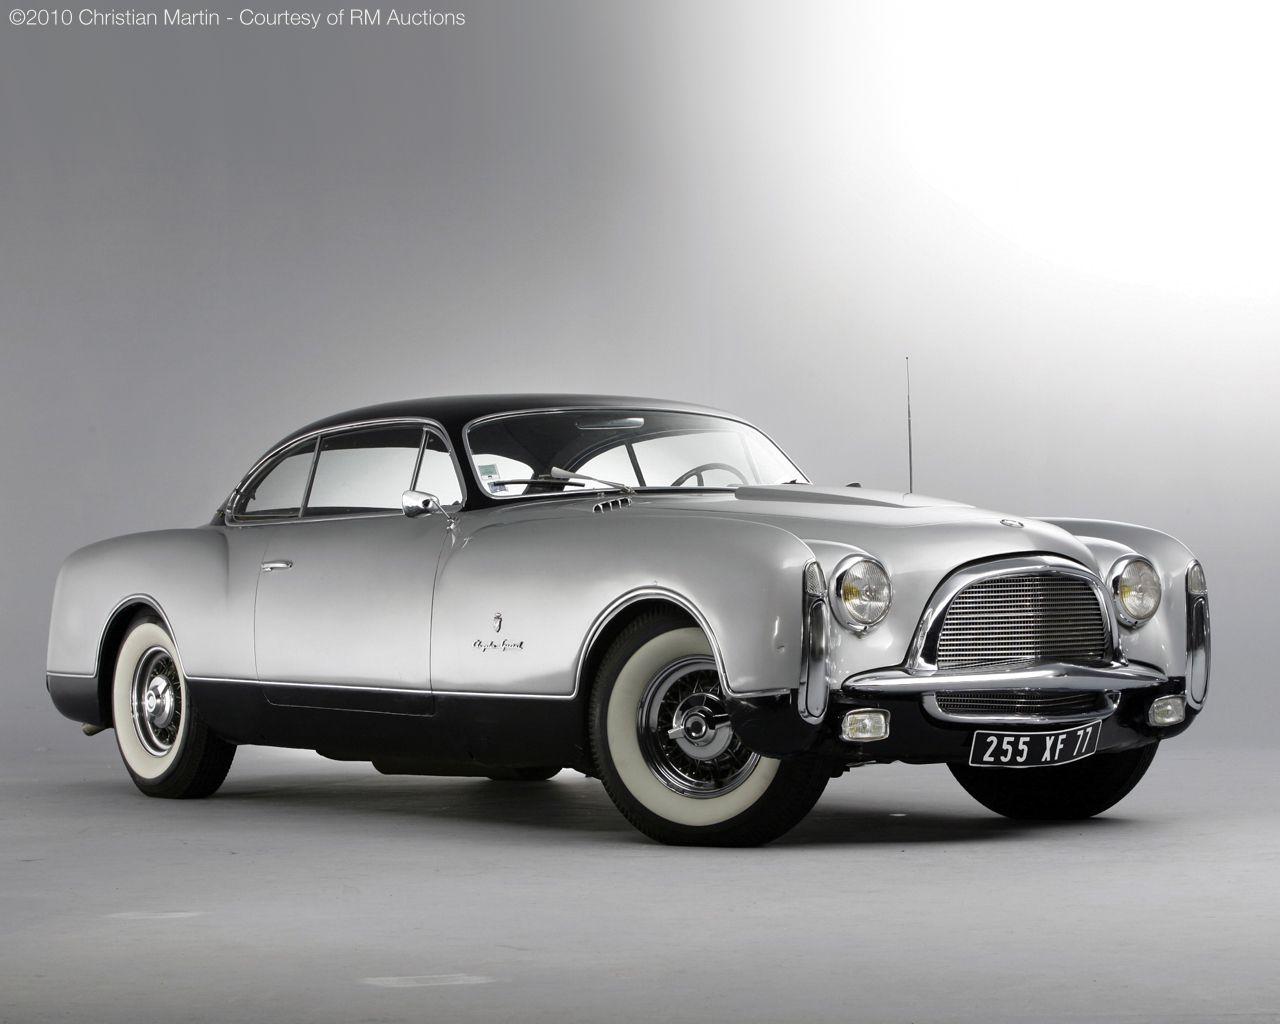 1953 Chrysler Special GS-1 | Chrysler | SuperCars.net